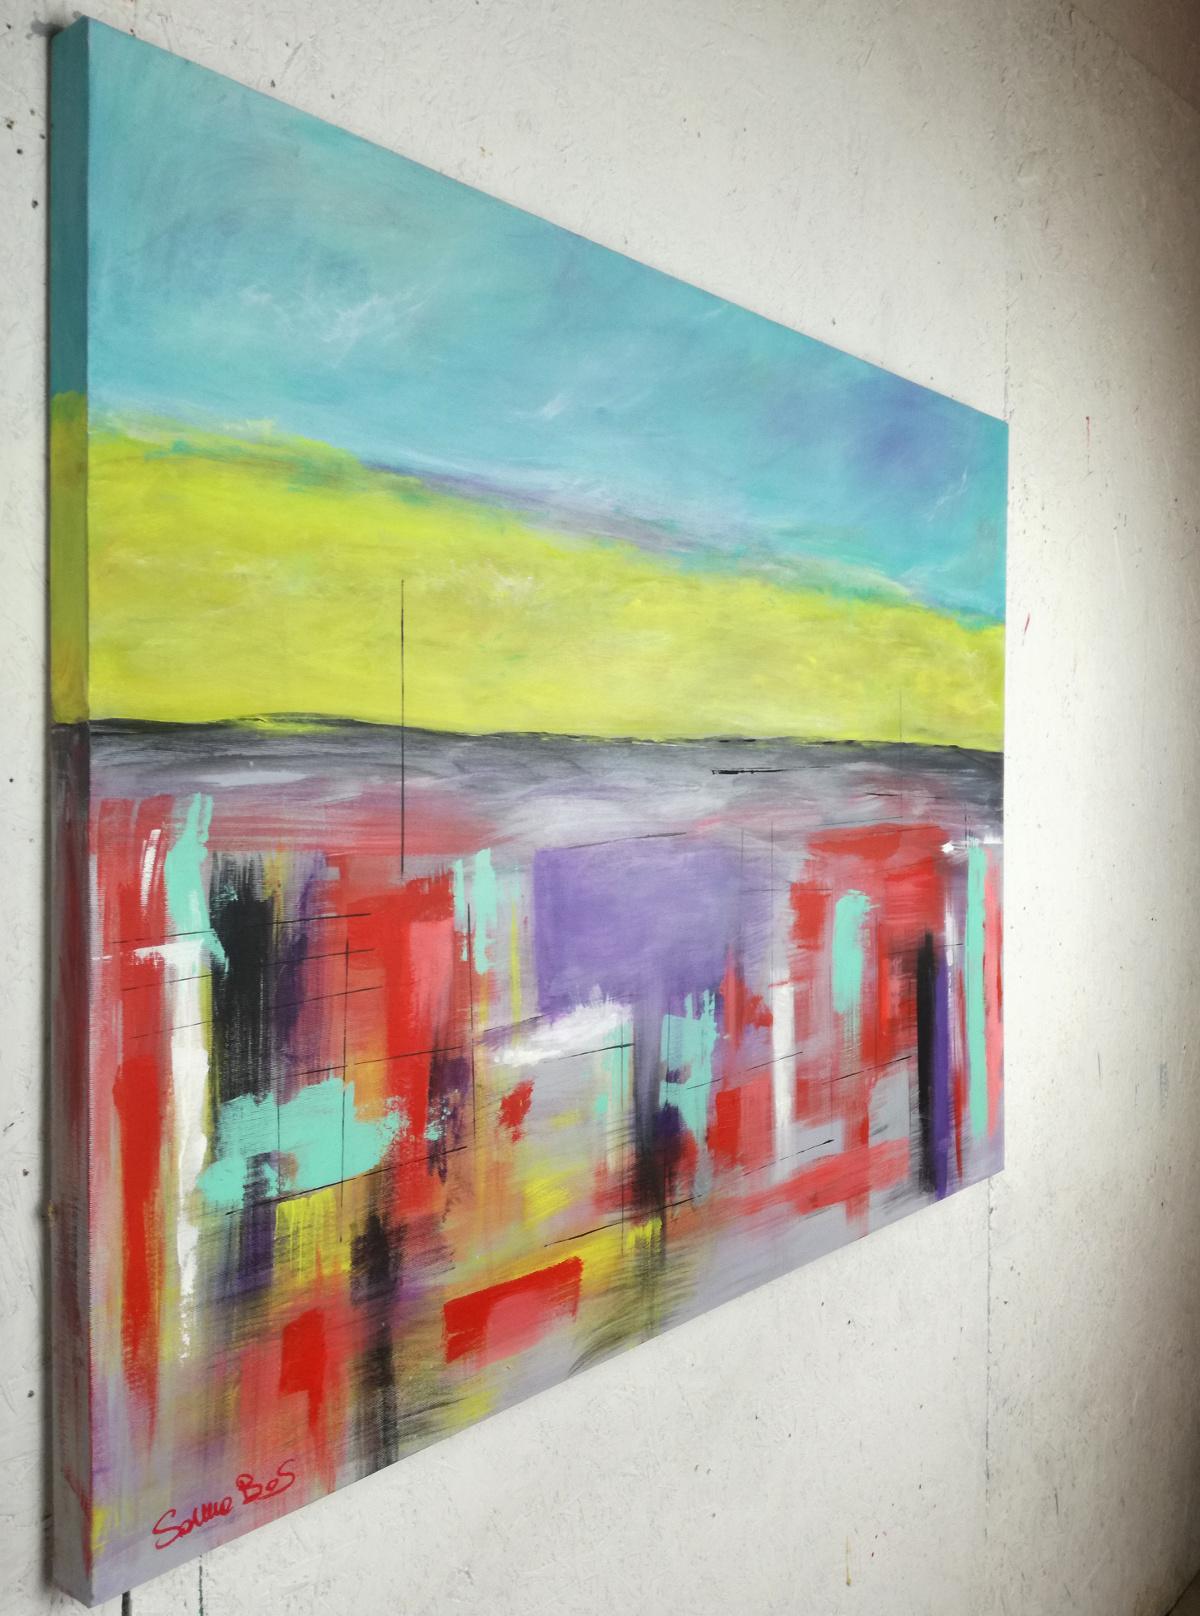 landescape abstract dx - quadri astratti per arredamento paesaggio moderno xxl